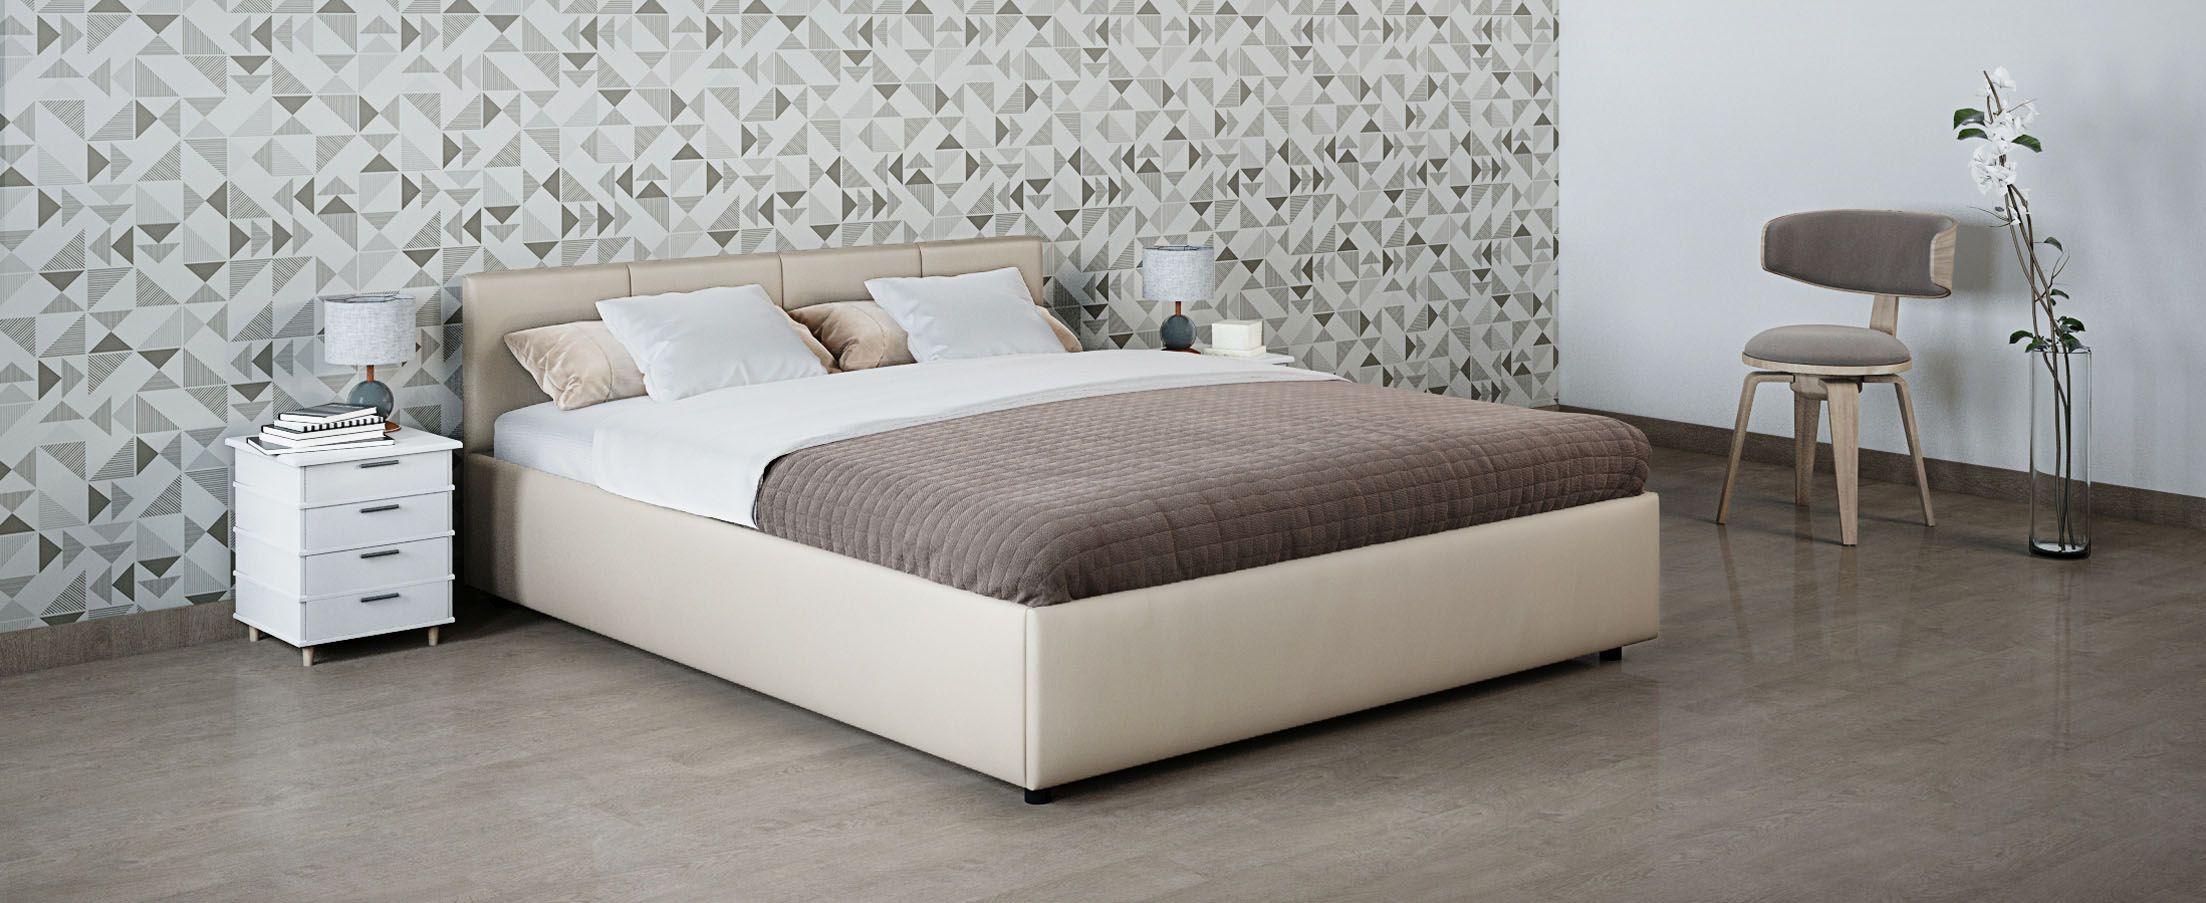 Кровать двуспальная Прима 160х200 Модель 1200Кровать Прима -  элегантное и практичное решение по доступной цене.  Продуманный до мелочей дизайн кровати прекрасно подойдет для любого интерьера.<br>